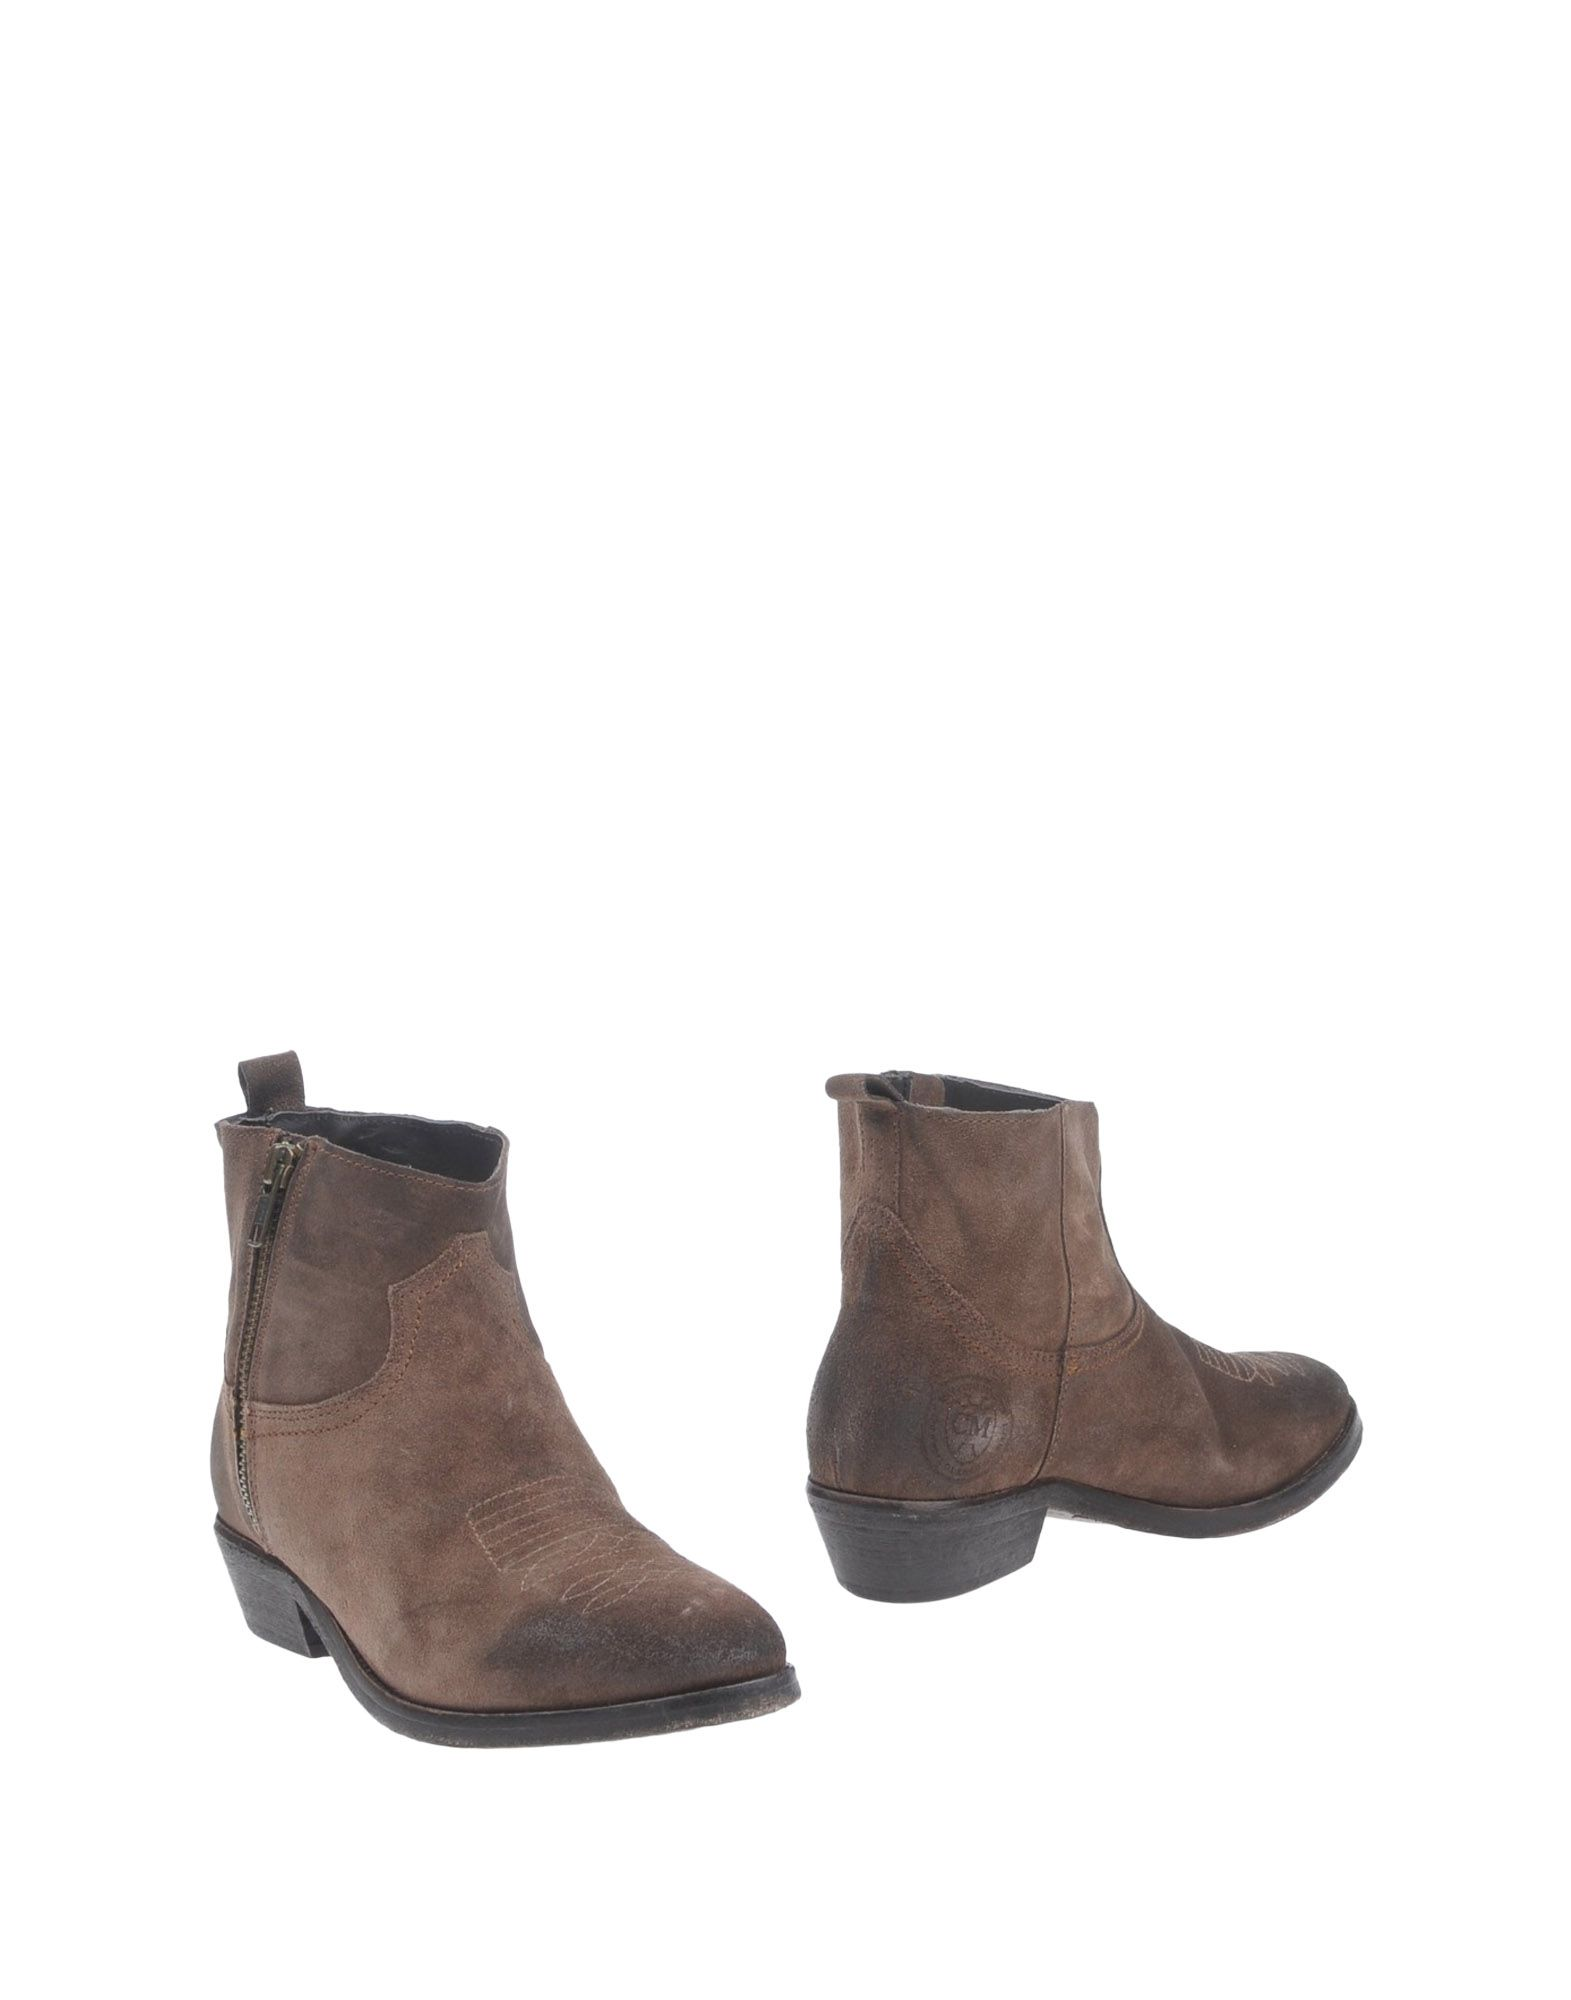 Catarina Martins Stiefelette Damen  11311280XN Gute Qualität beliebte Schuhe